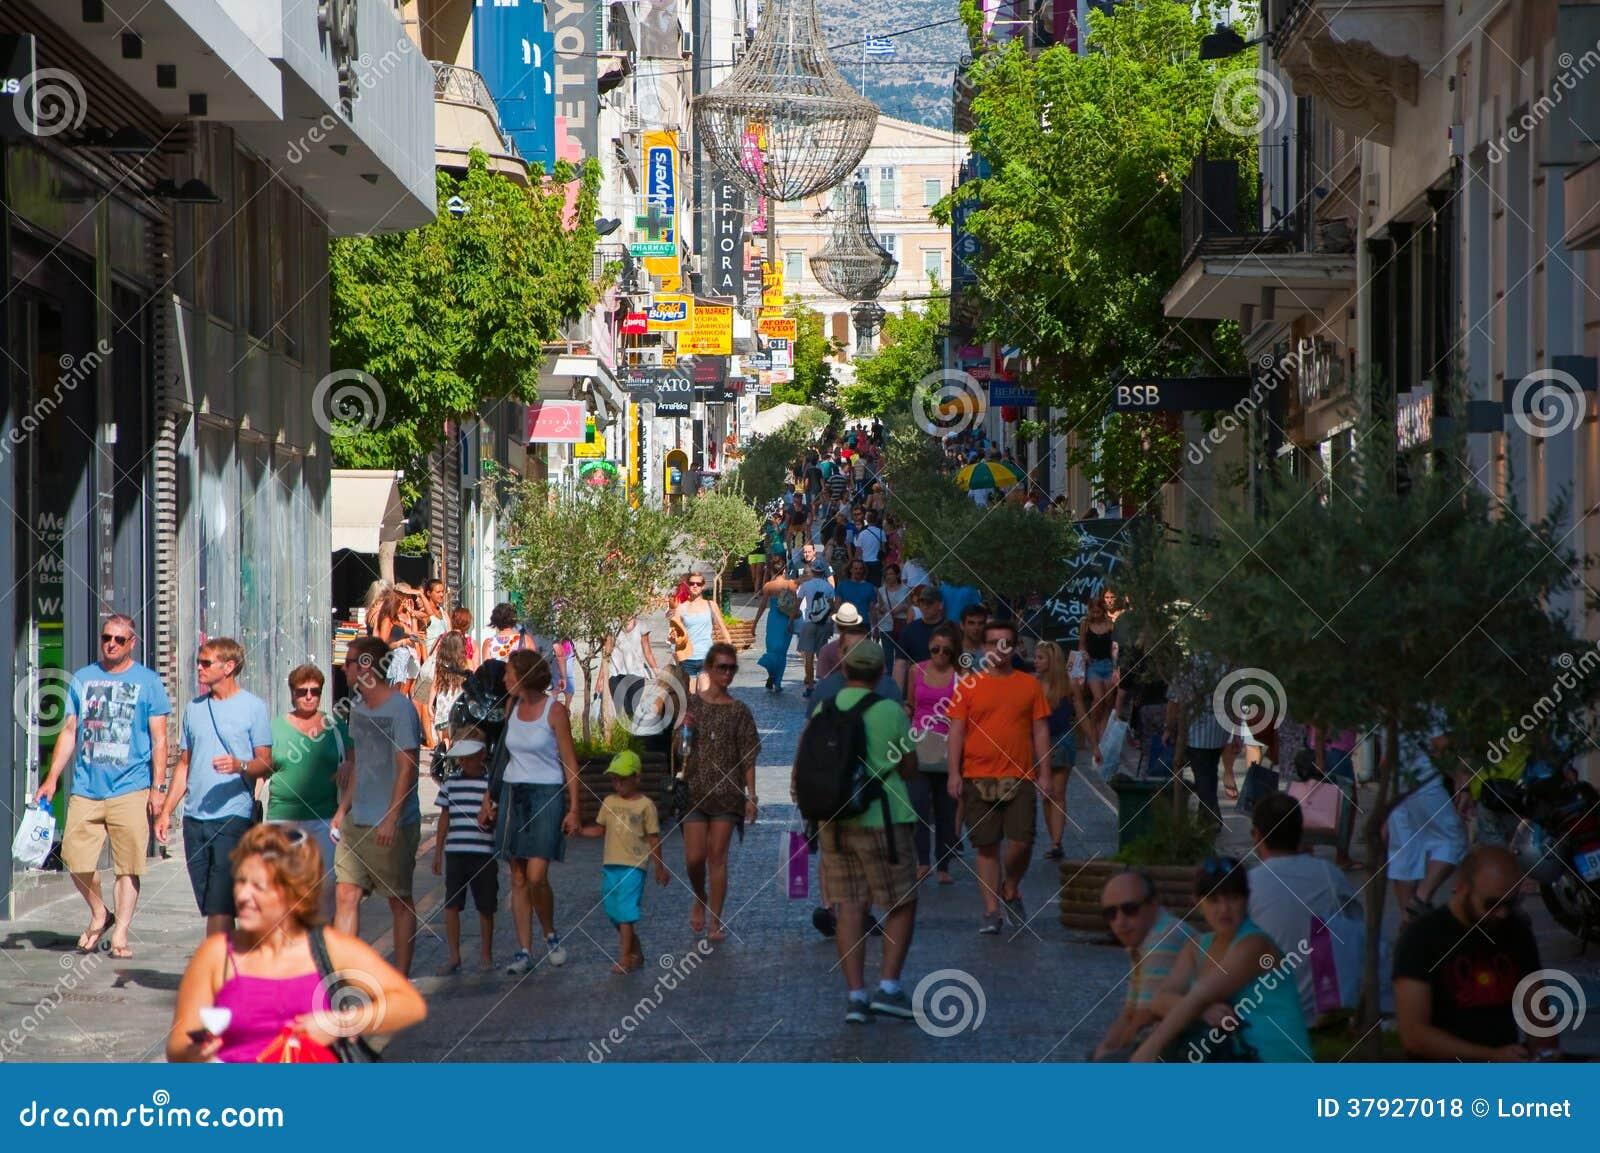 Haciendo compras en la calle de Ermou el 3 de agosto de 2013 en Atenas, Grecia.